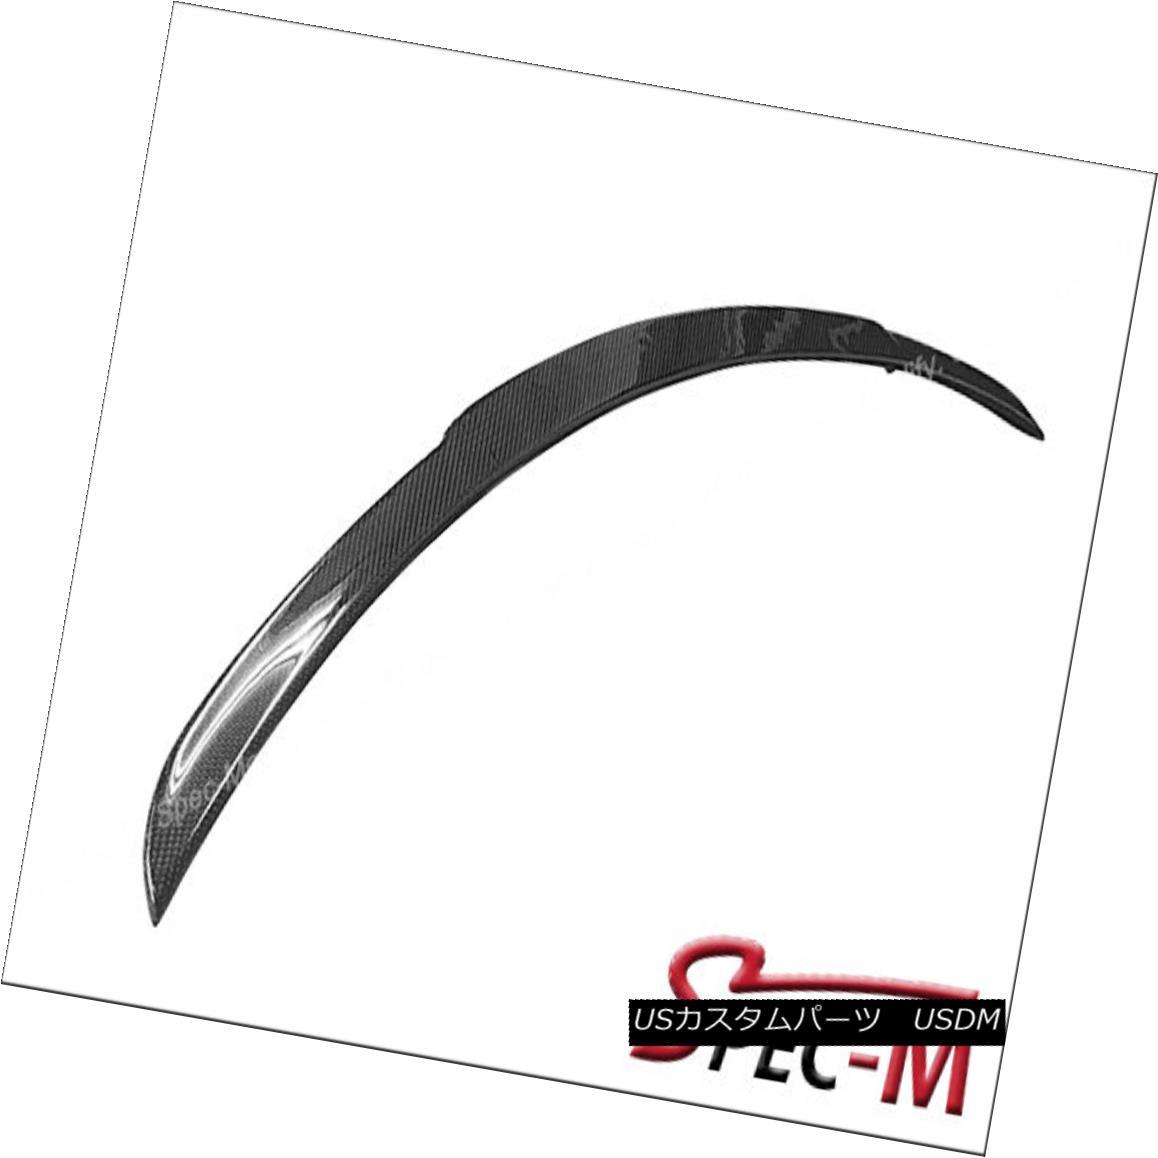 エアロパーツ 2015+ W205 C250 C300 C400 C450 BS Style Carbon Fiber Trunk Spoiler 2015+ W205 C250 C300 C400 C450 BSスタイル炭素繊維トランク・スポイラー